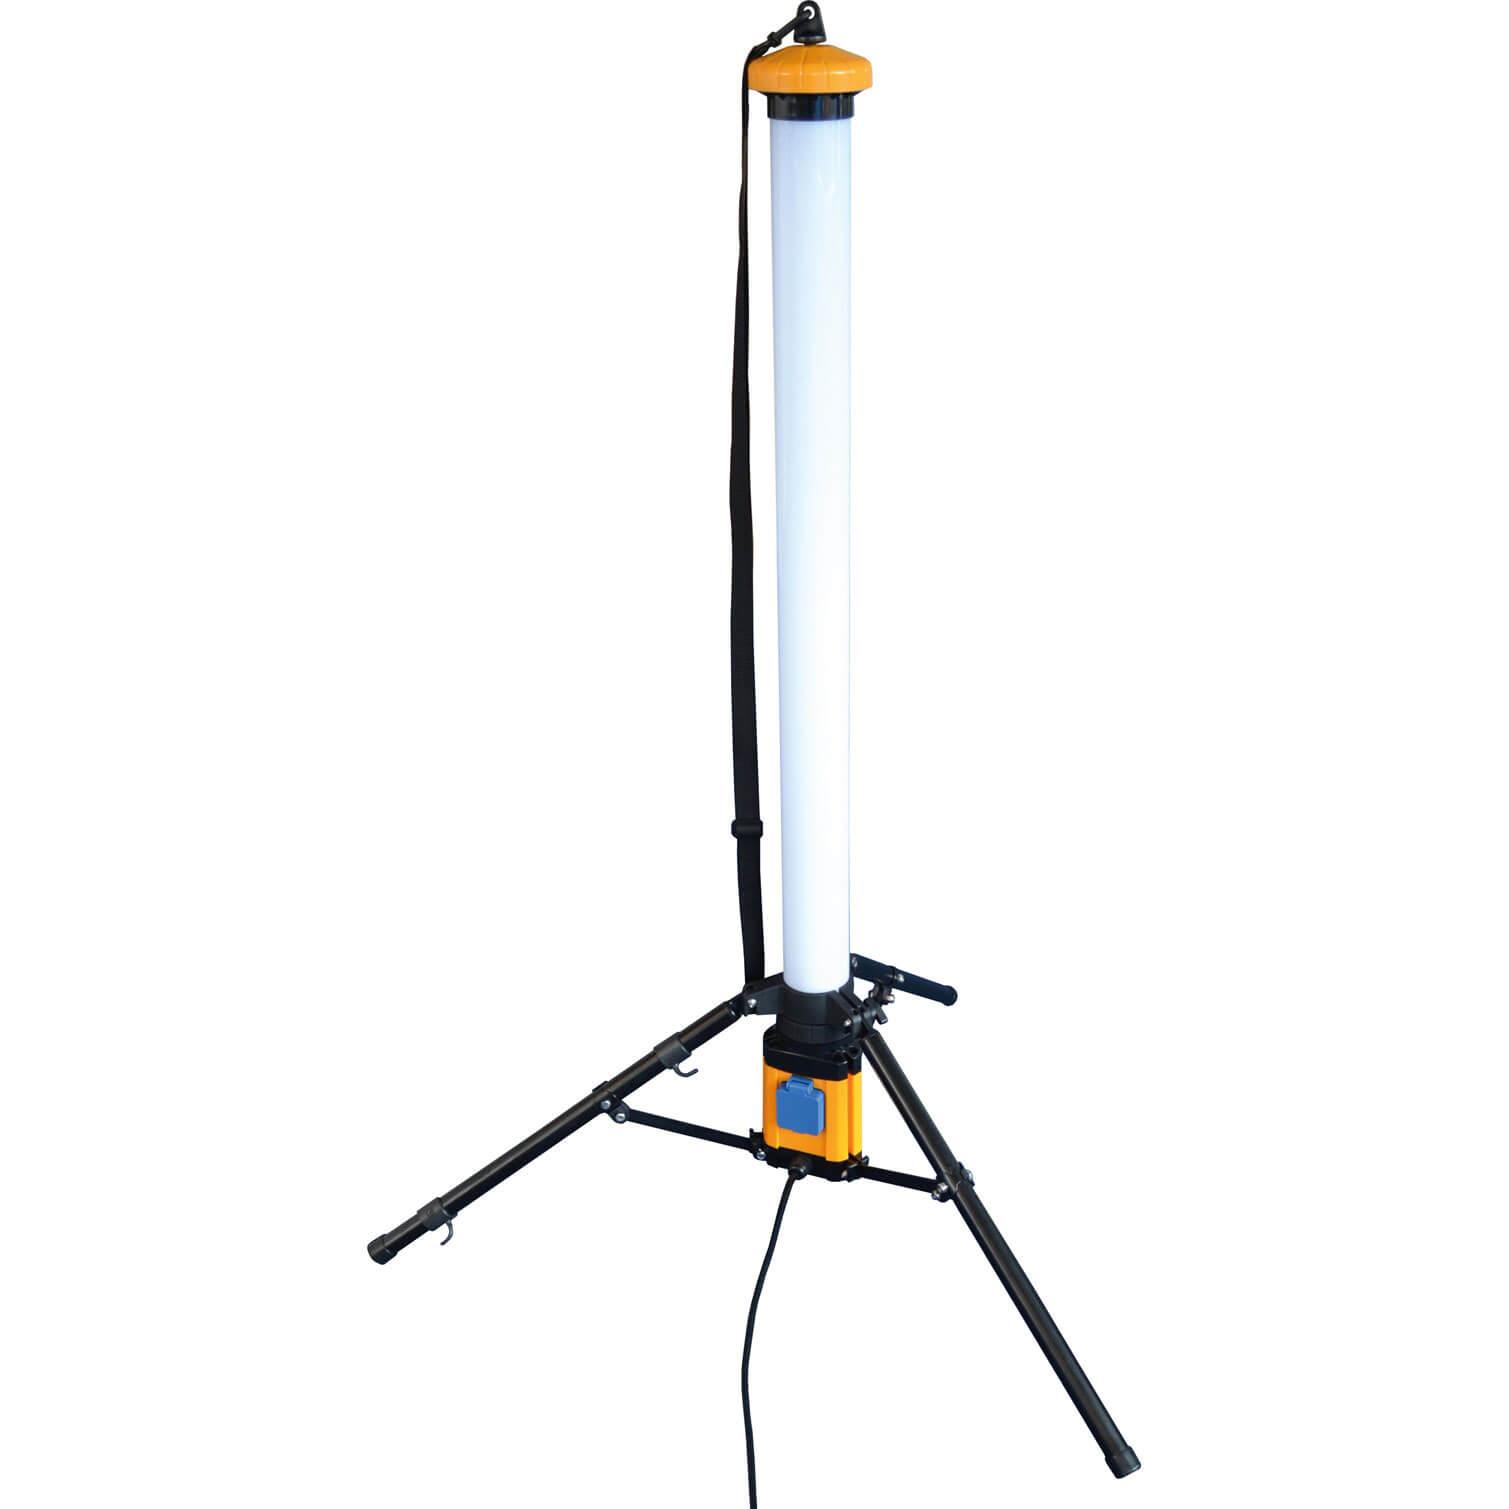 Image of Faithfull 336 LED Pole Work Light on Tripod 3000 Lumens 240v